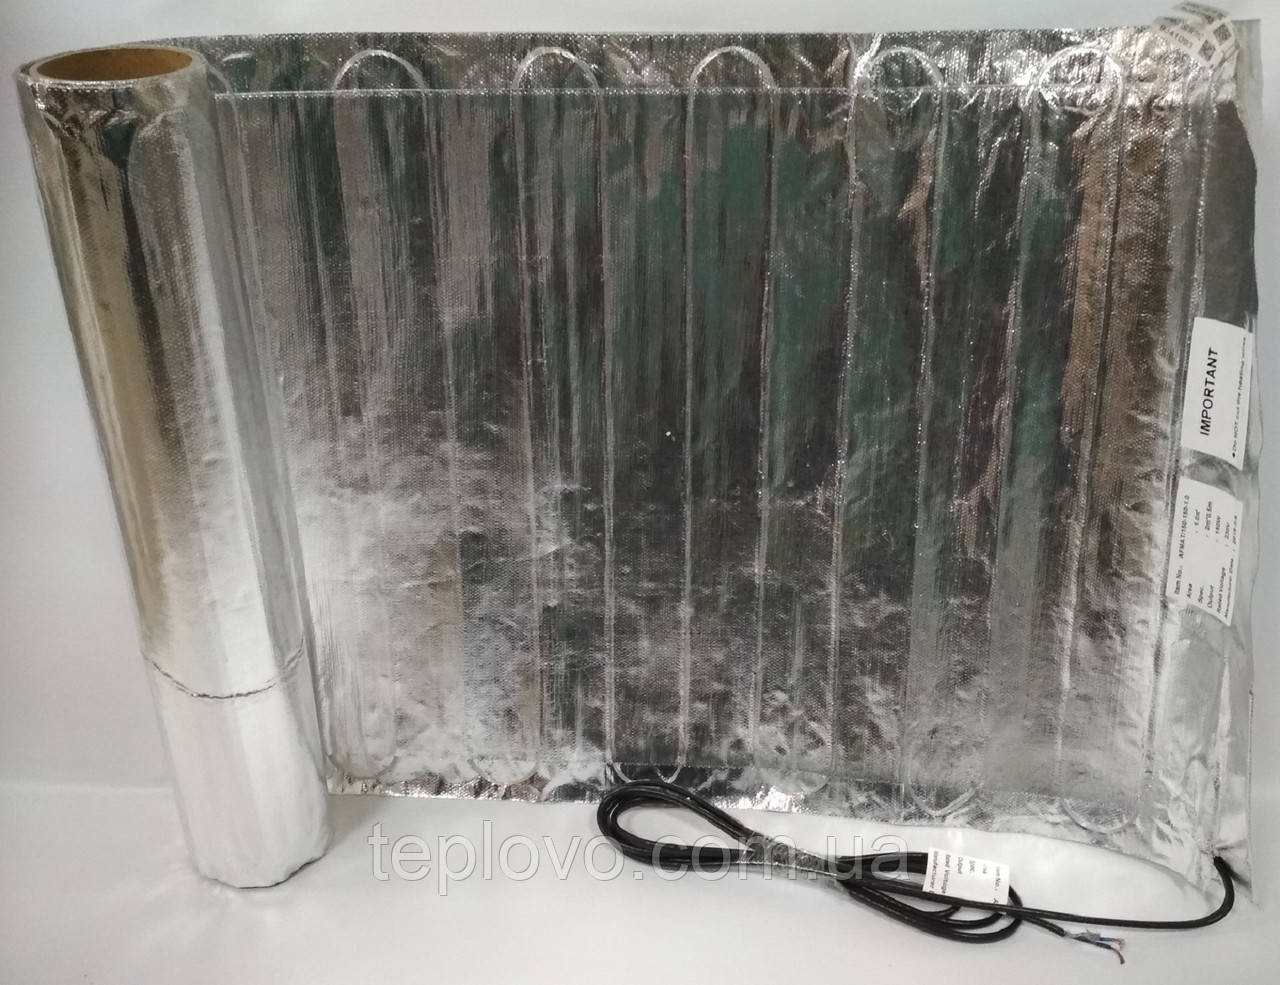 Алюминиевый мат IN-THERM AFMAT 8,0 м2 (1200 Вт), теплый пол под ламинат